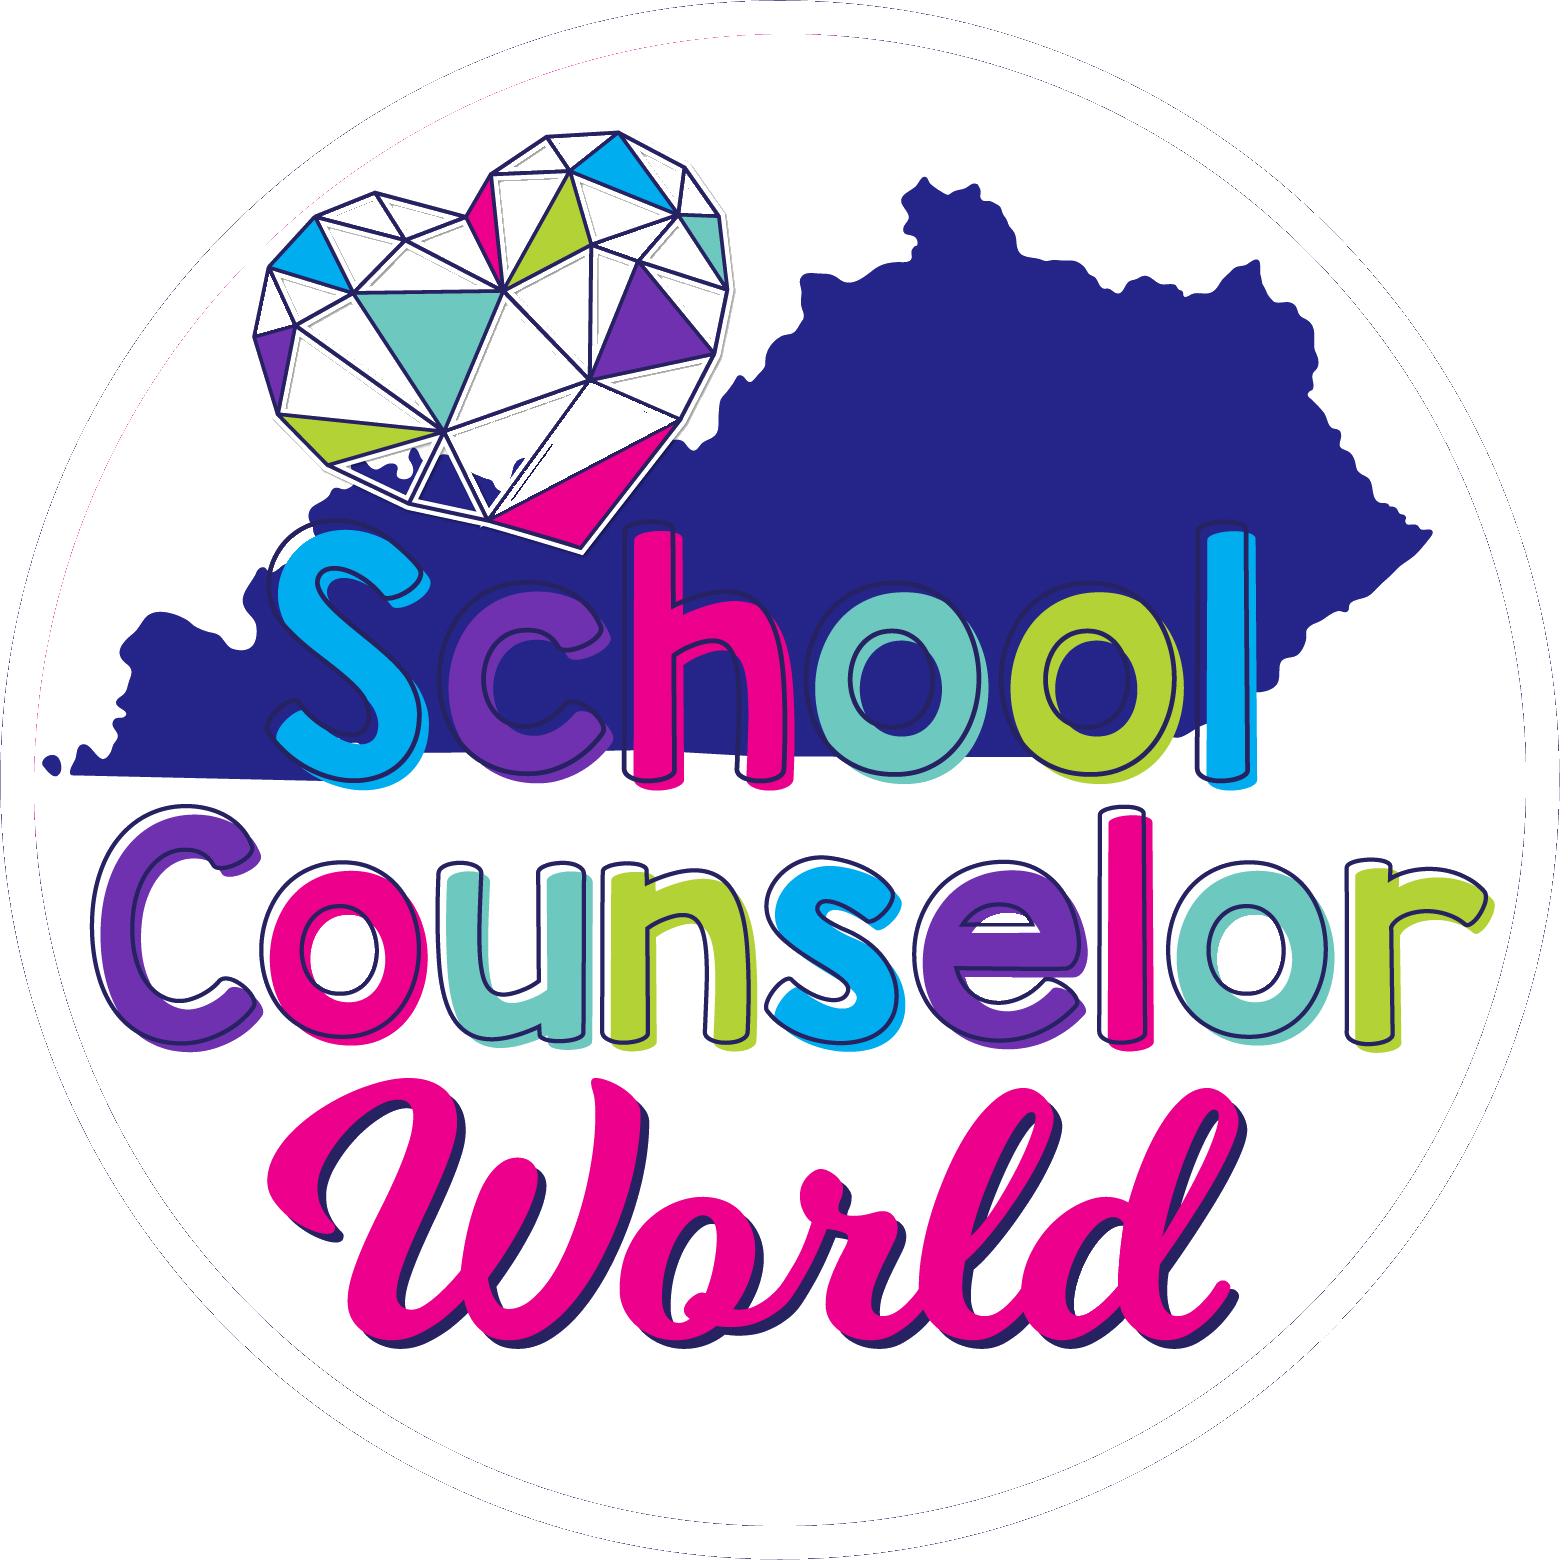 School counselor world schoolcounselorworldcom. Clipart map curriculum mapping